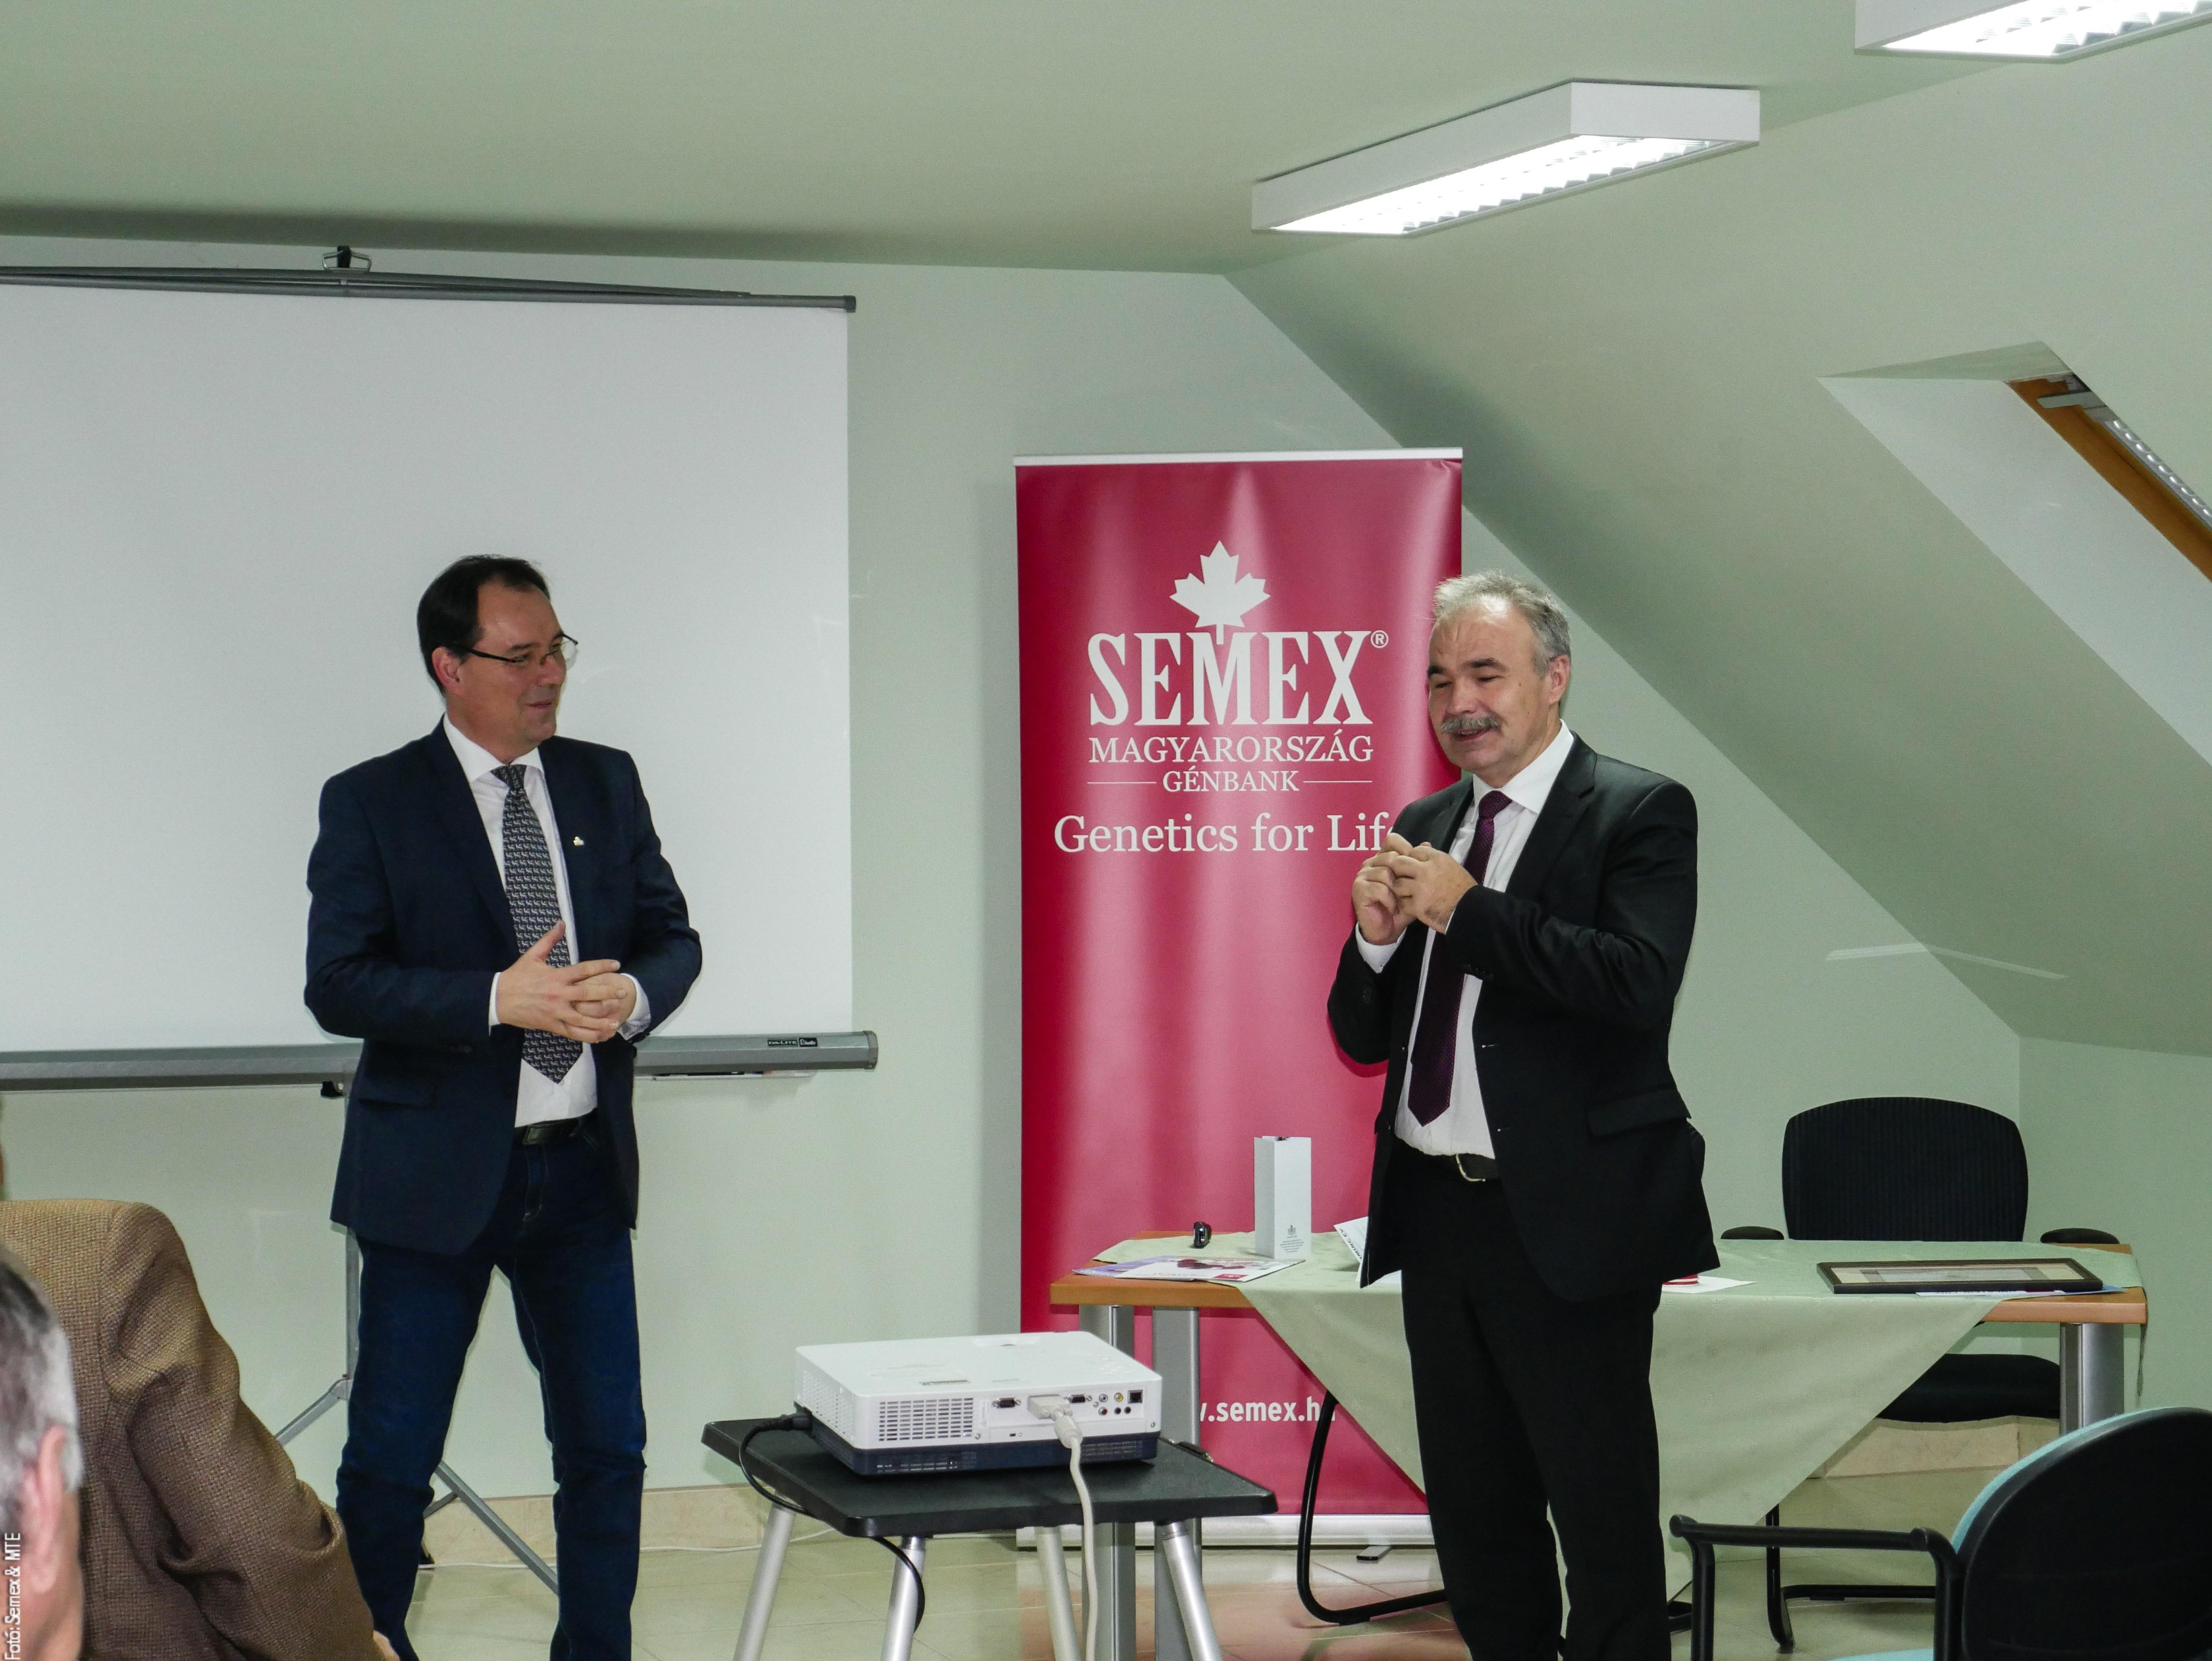 Ünnepi tanácskozás és miniszteri látogatás a Semexnél